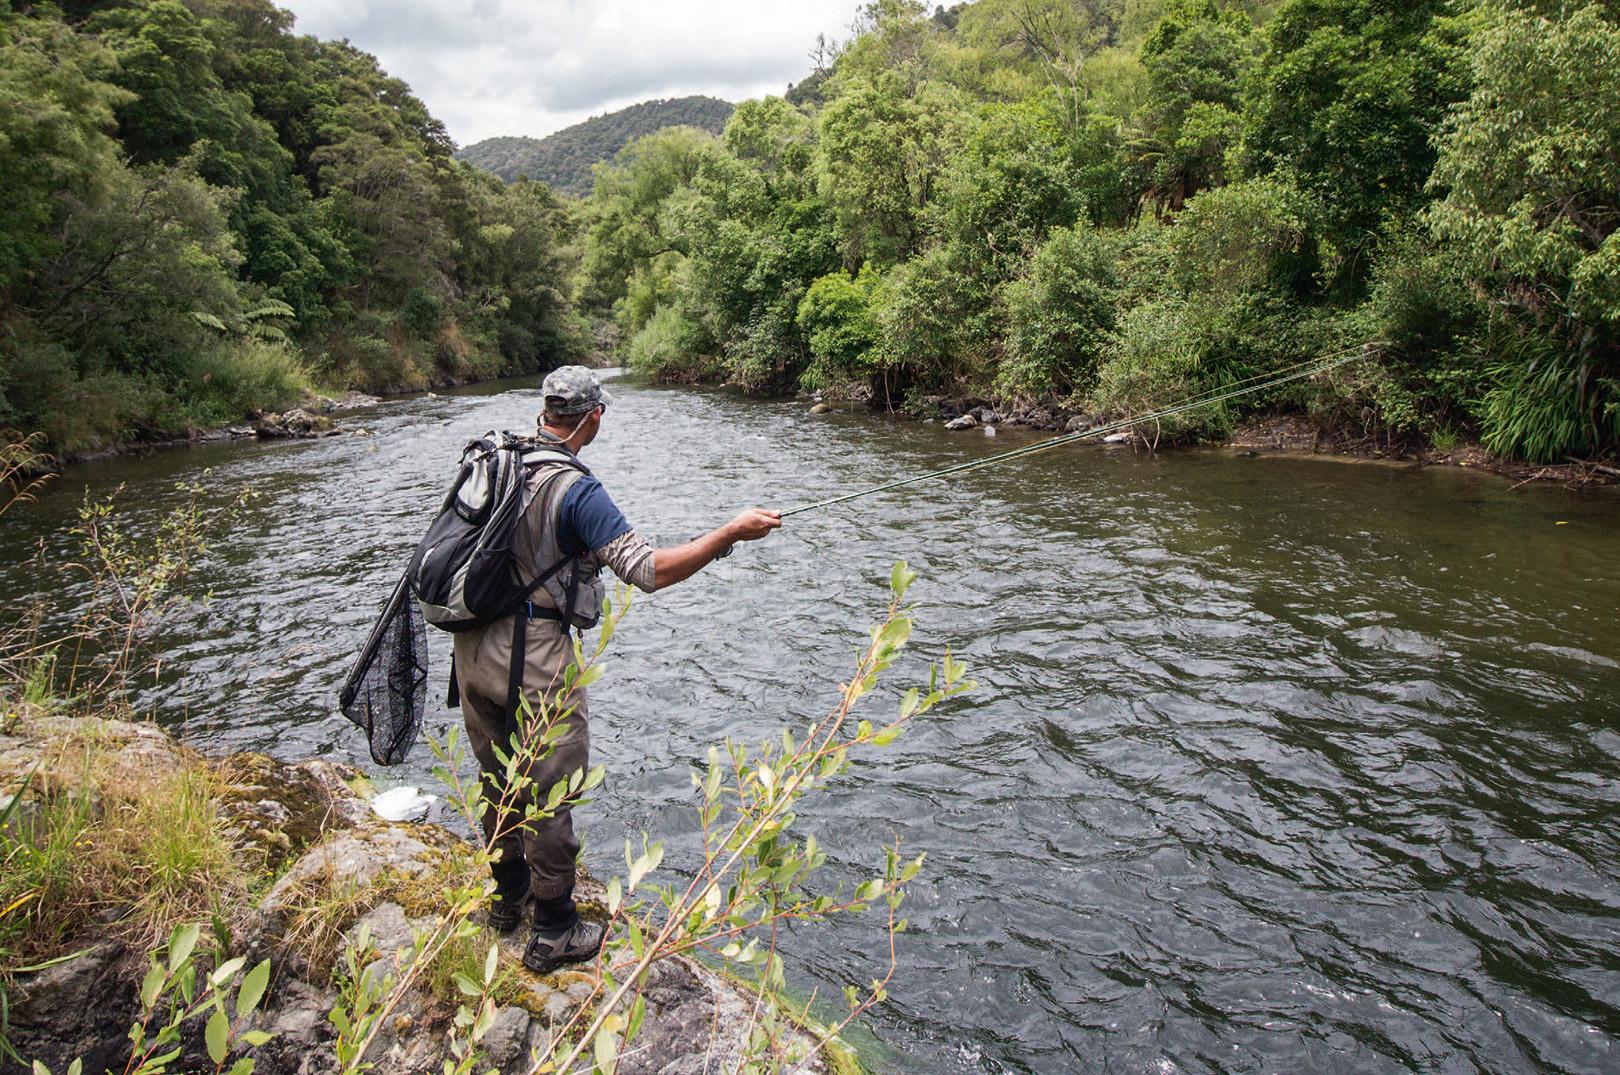 Det er ikke kun de mange ørreder, som tiltrækker fluefiskere fra alle verdens hjørner til New Zealand. En fisketur langs de rå newzealandske floder er en naturoplevelse uden sidestykke, som du kun finder få steder i verden.